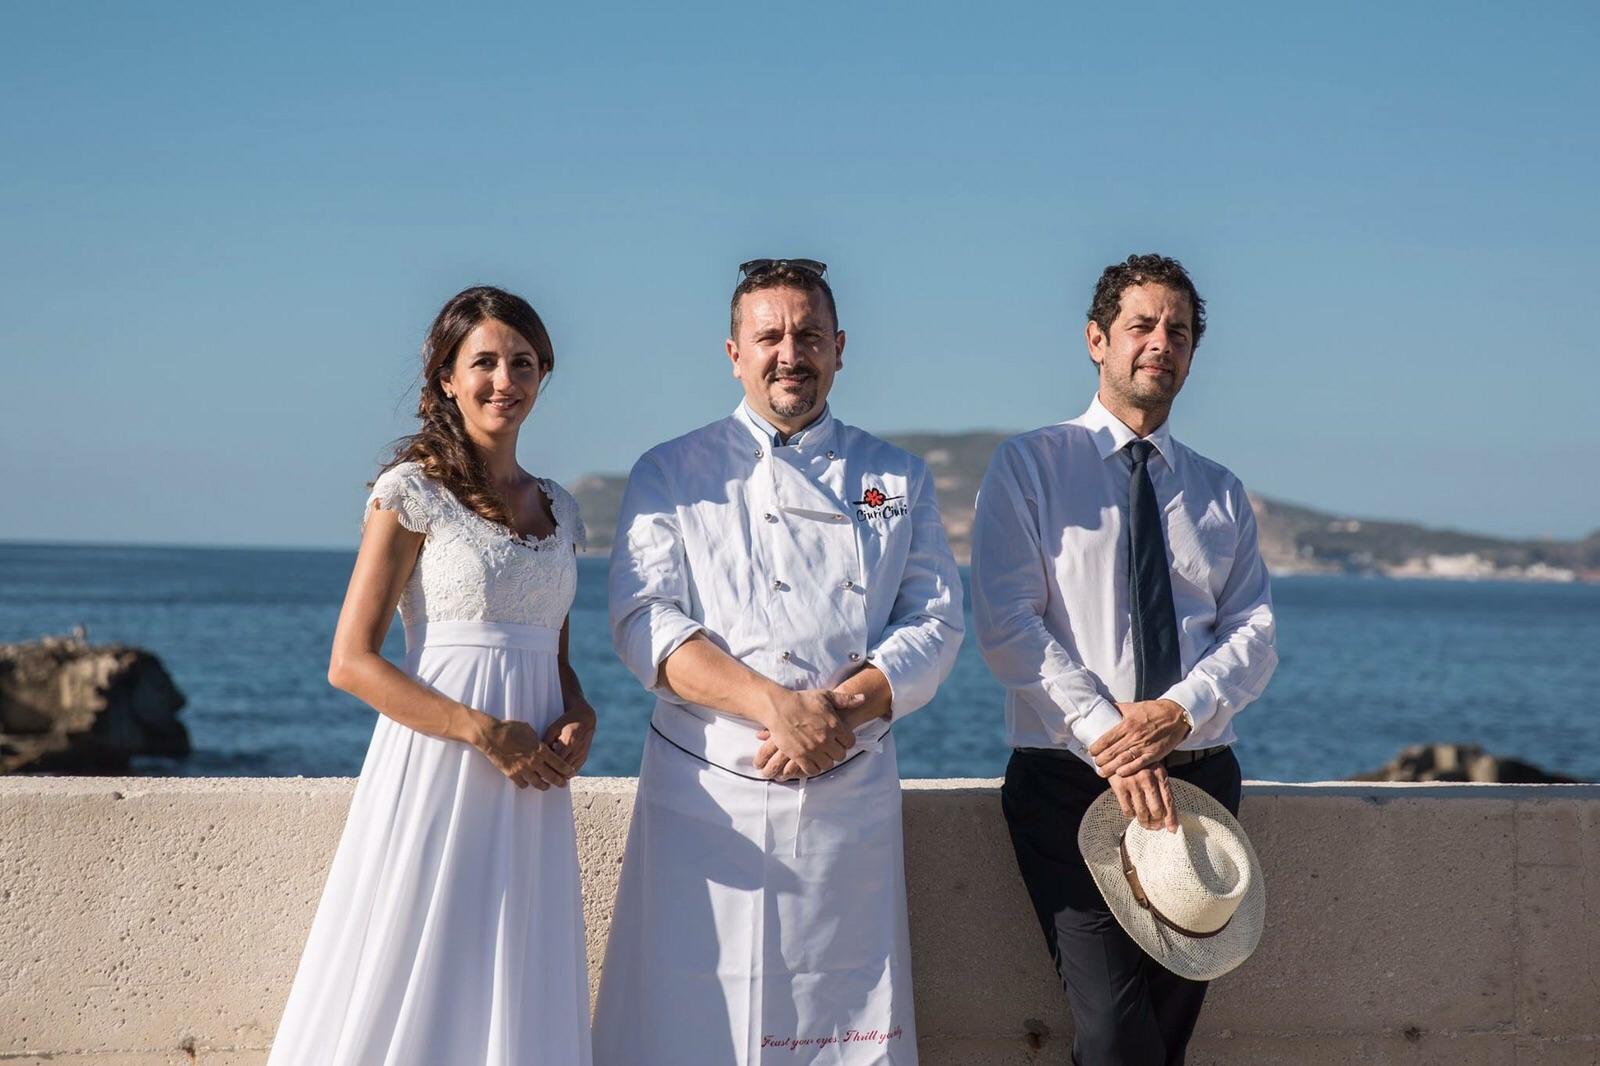 Matrimonio Spiaggia Favignana : Trapaniok romani si innamorano a favignana sposi sull´isola il